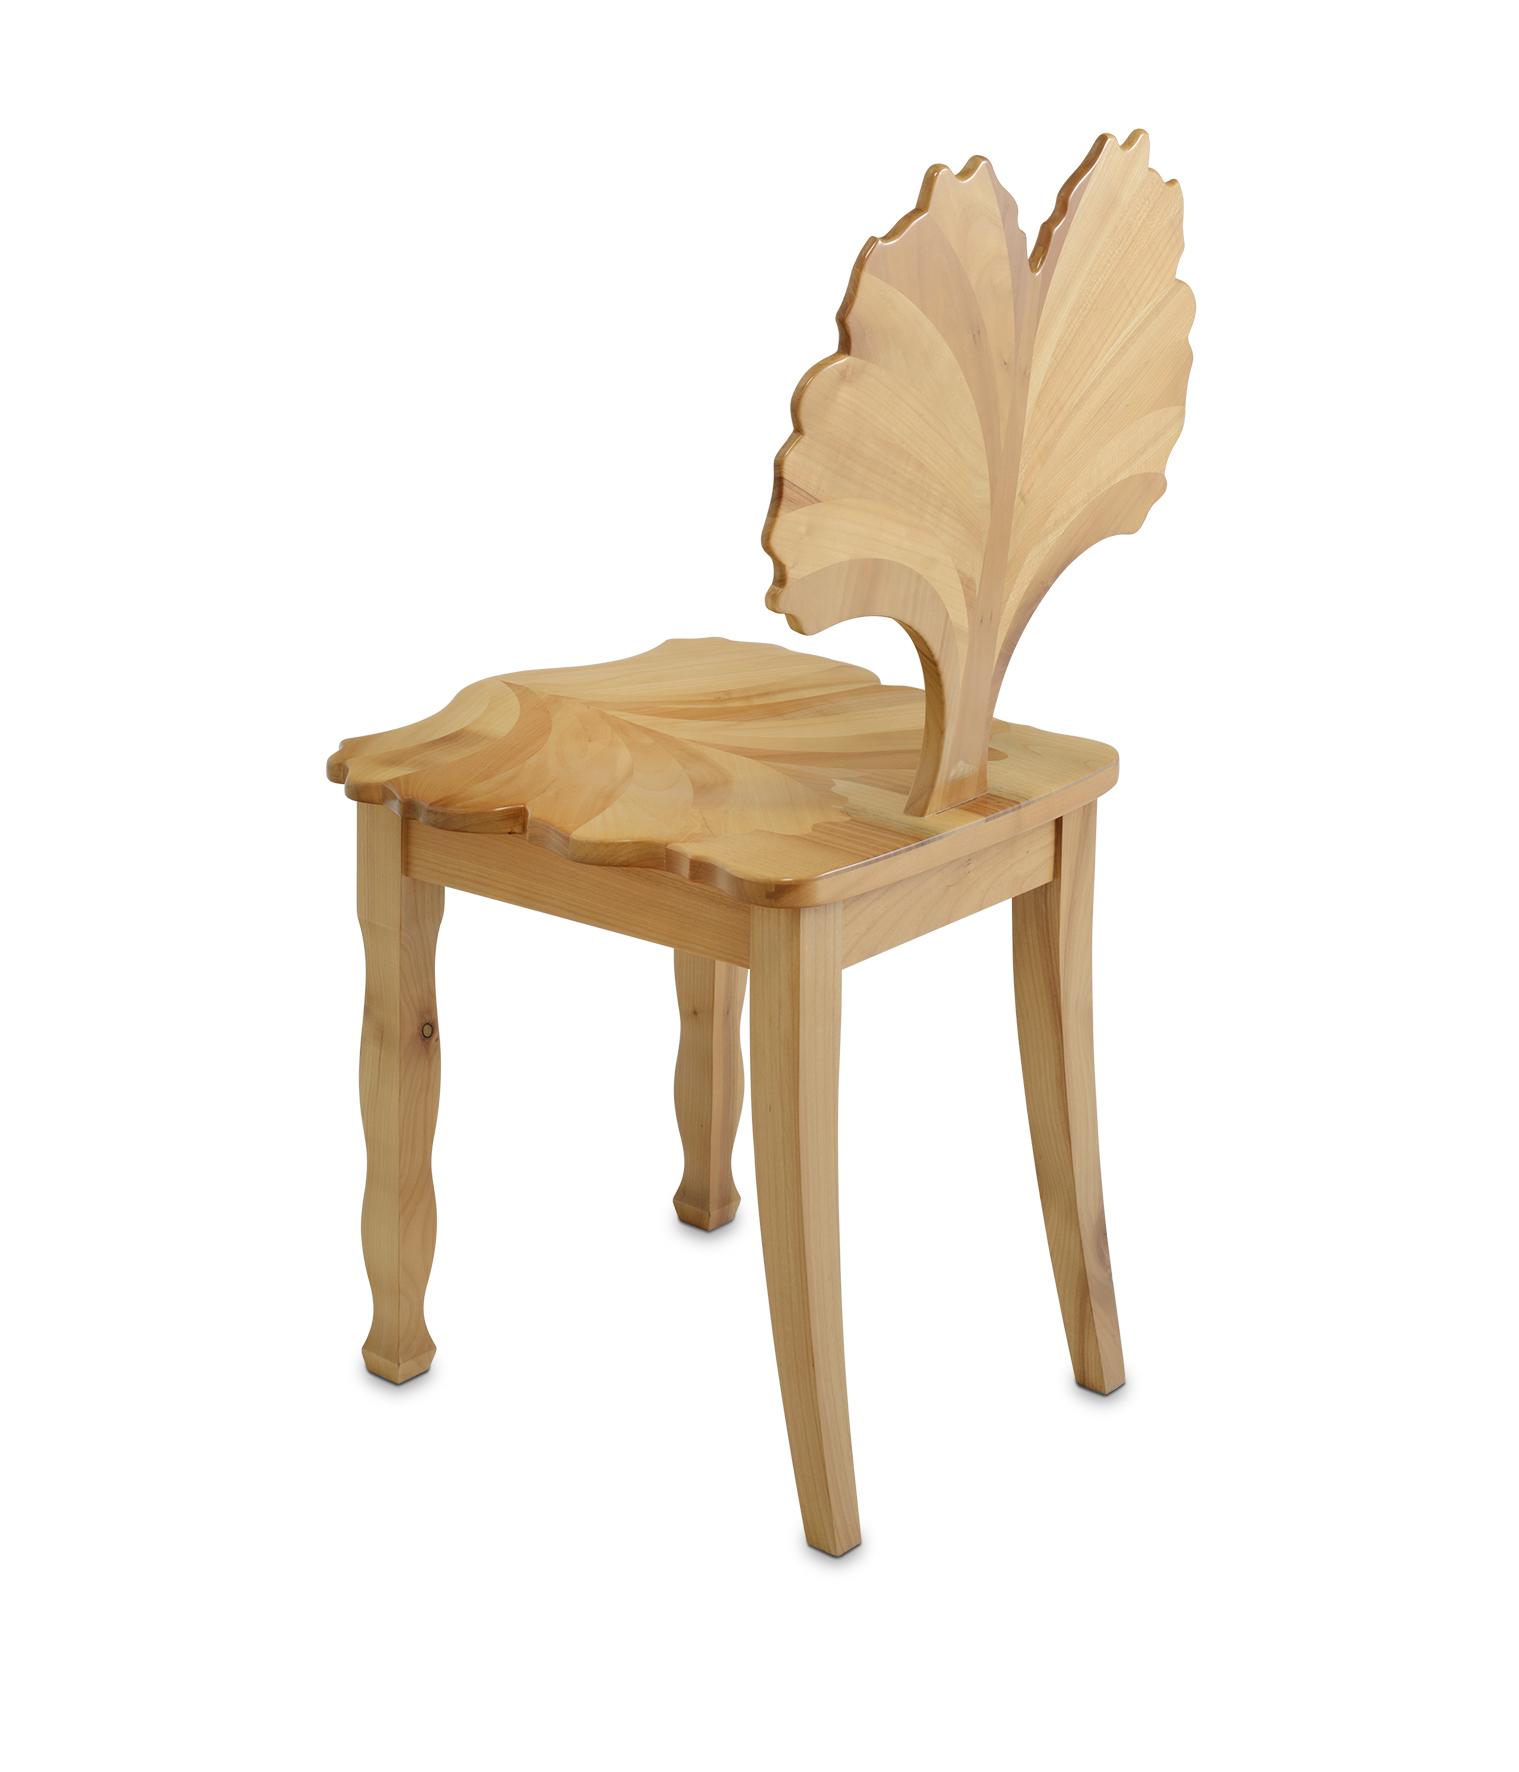 S100 Stuhl, Kirschbaum massiv, lackiert und poliert, H 920 x T 440 x SH 450mm